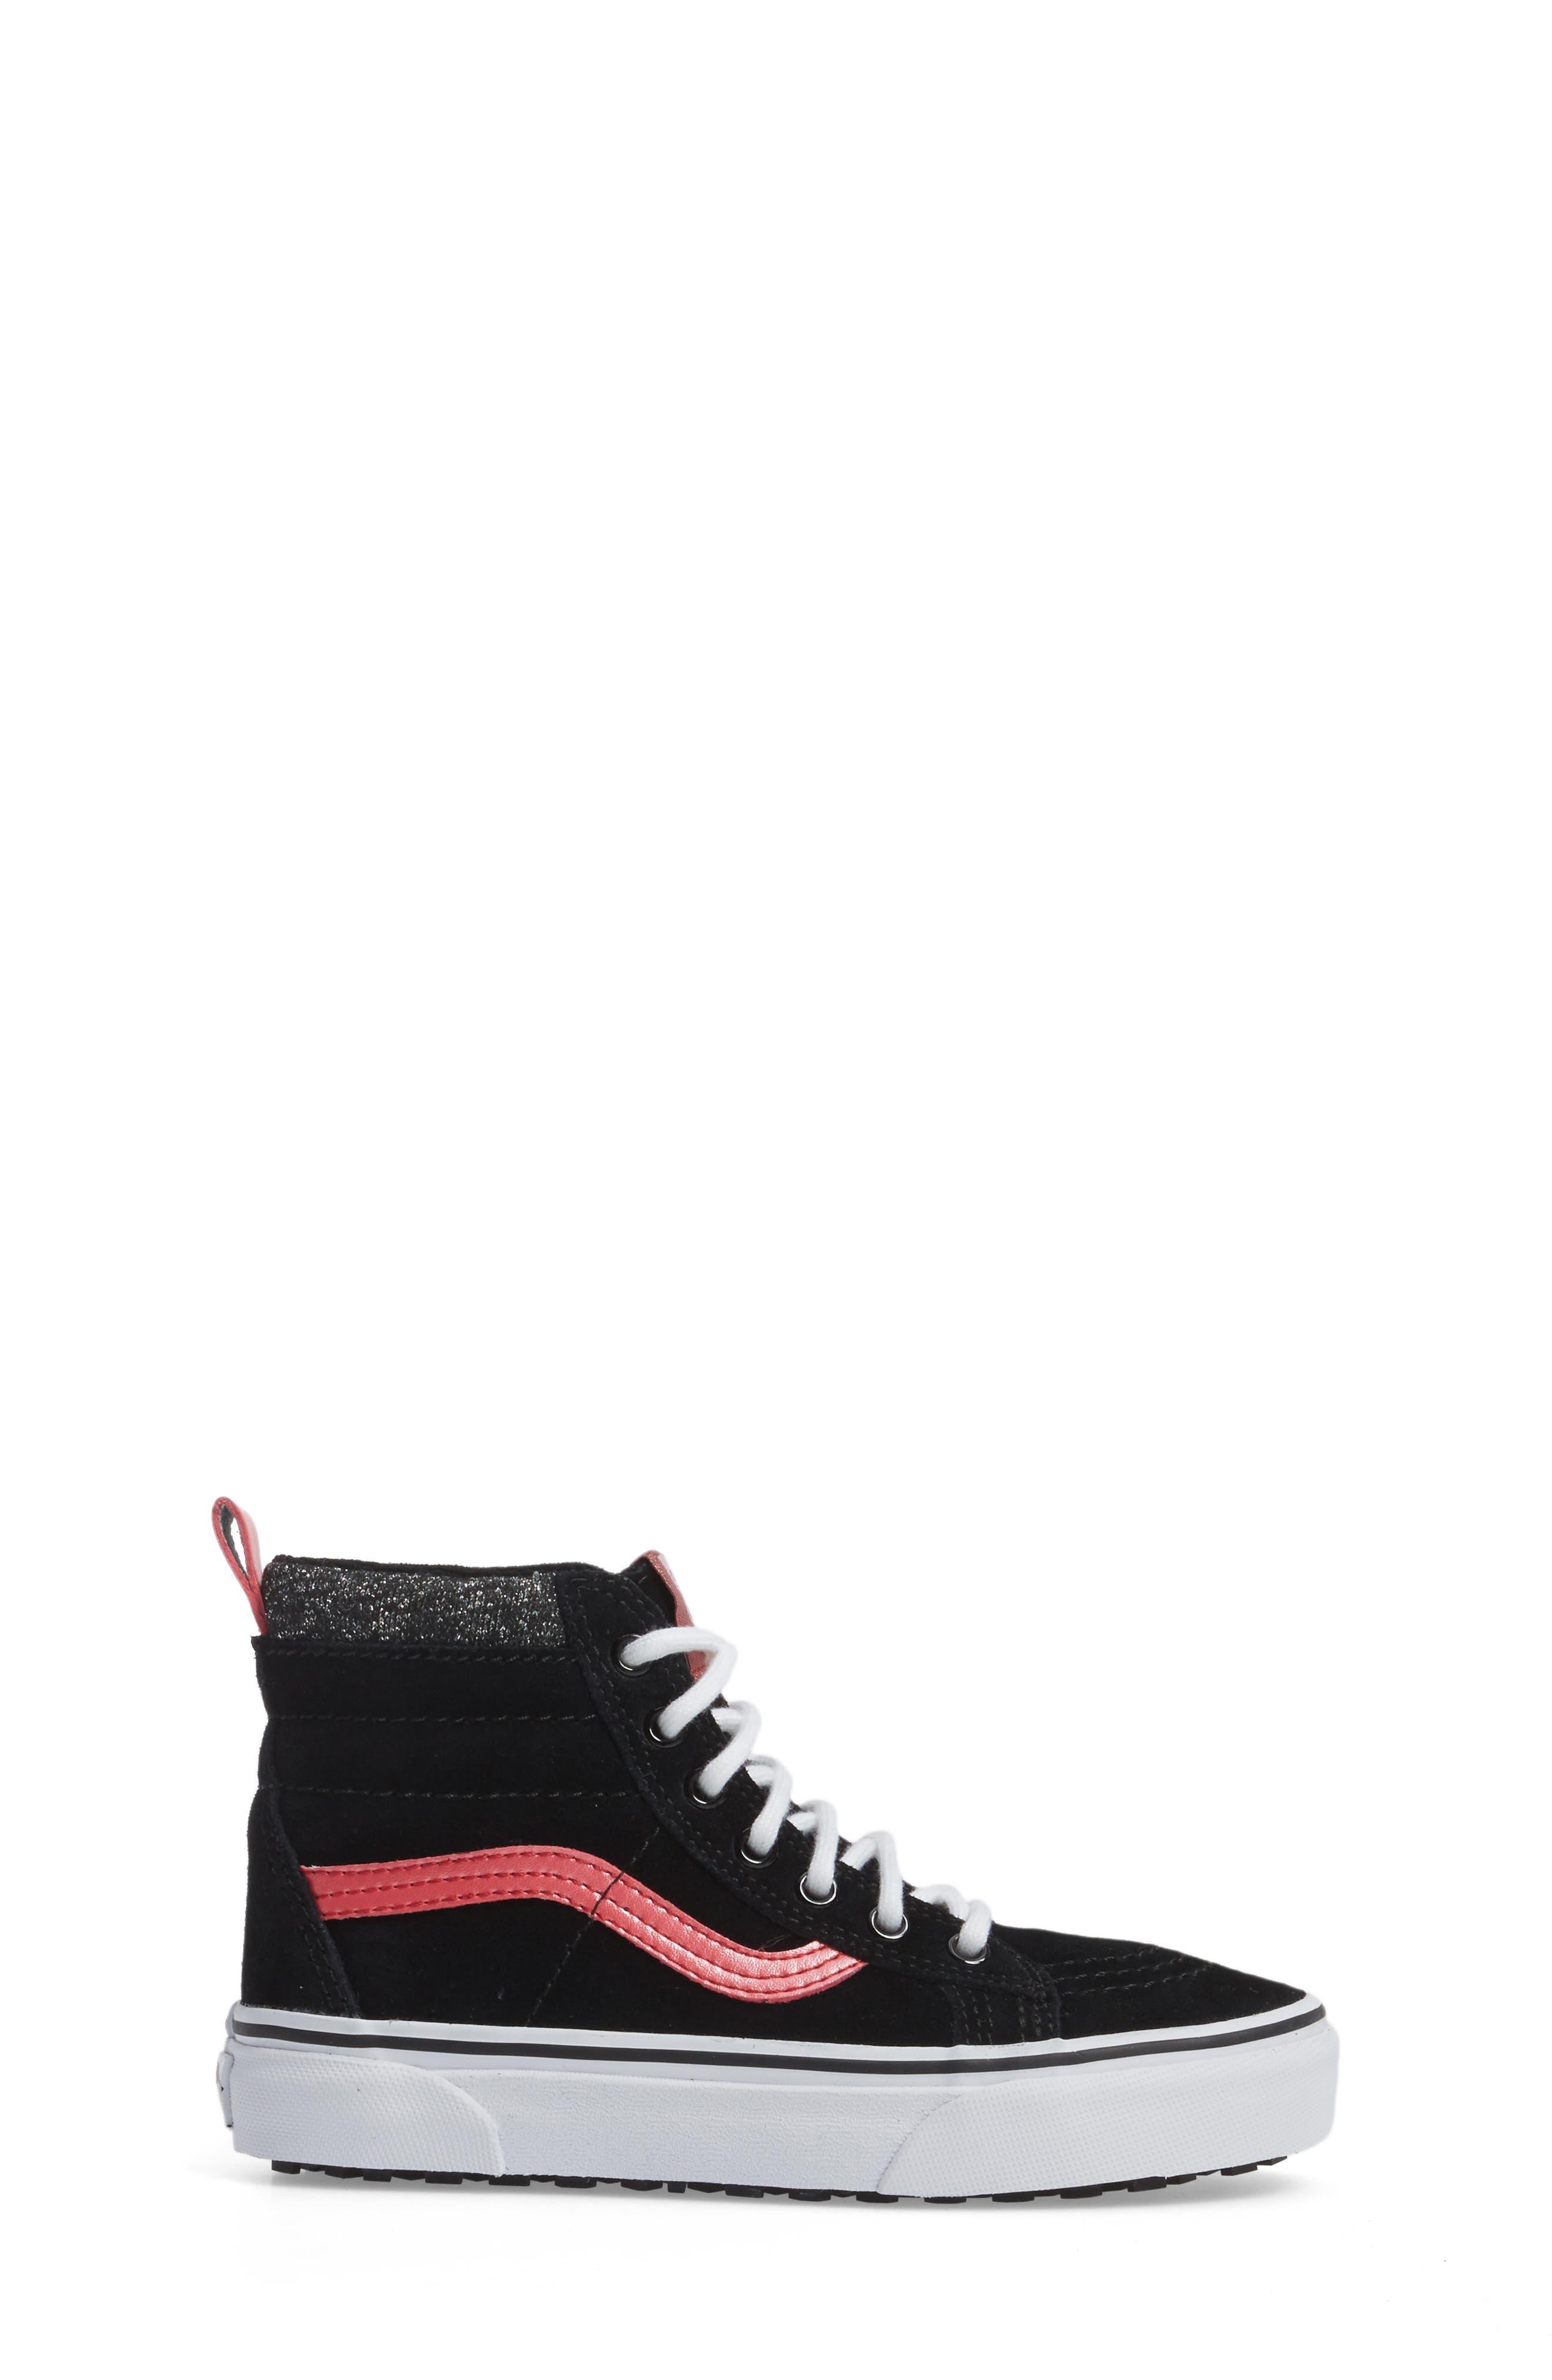 SK8-Hi Sneaker,                             Alternate thumbnail 3, color,                             001